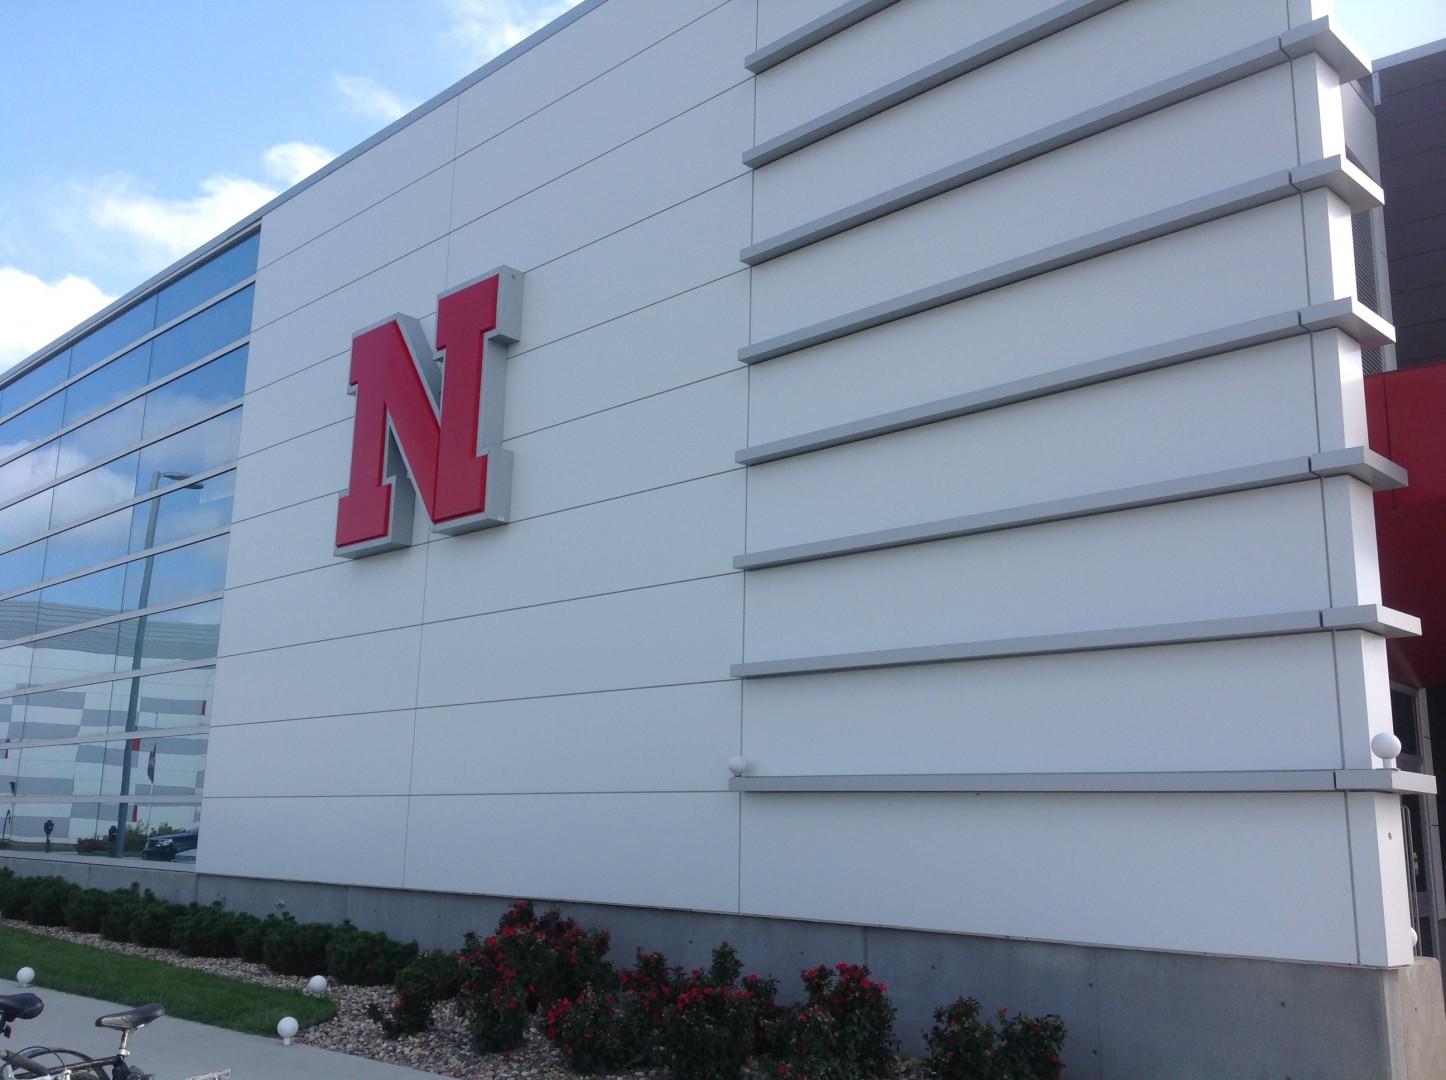 University of Nebraska, Bob Devaney Sports Center (Lincoln)